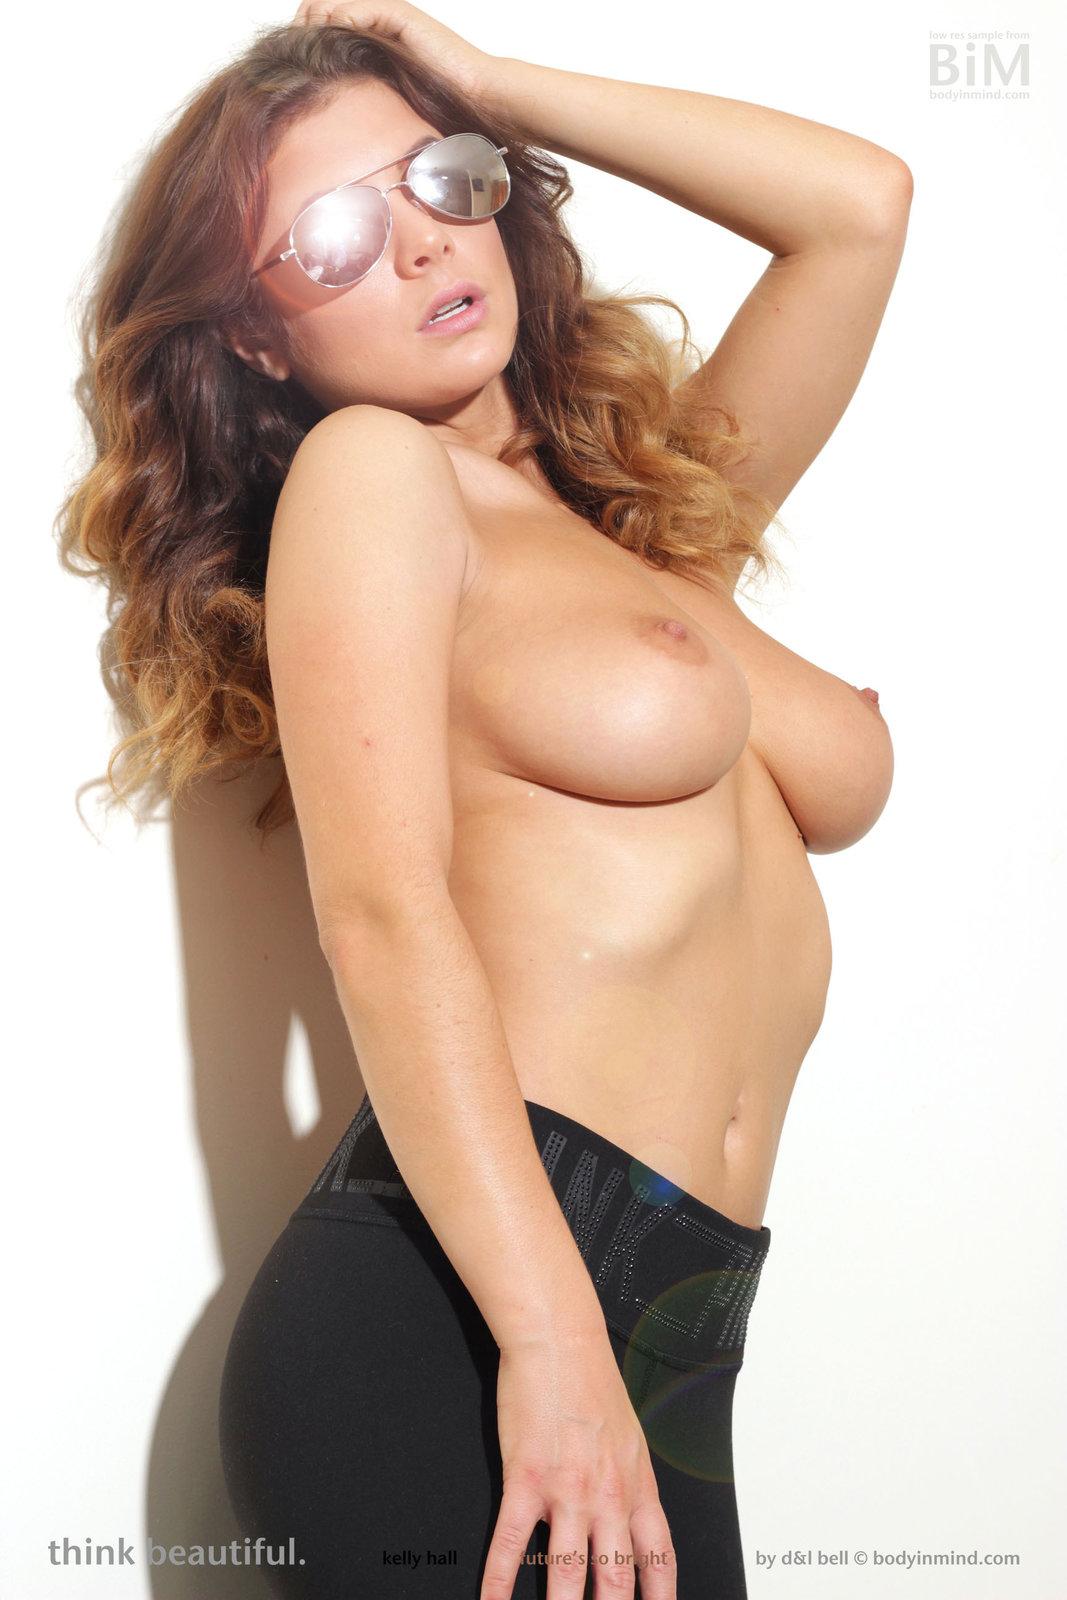 Zdjęcie porno - 053 - Idealnie krągłe ciałko